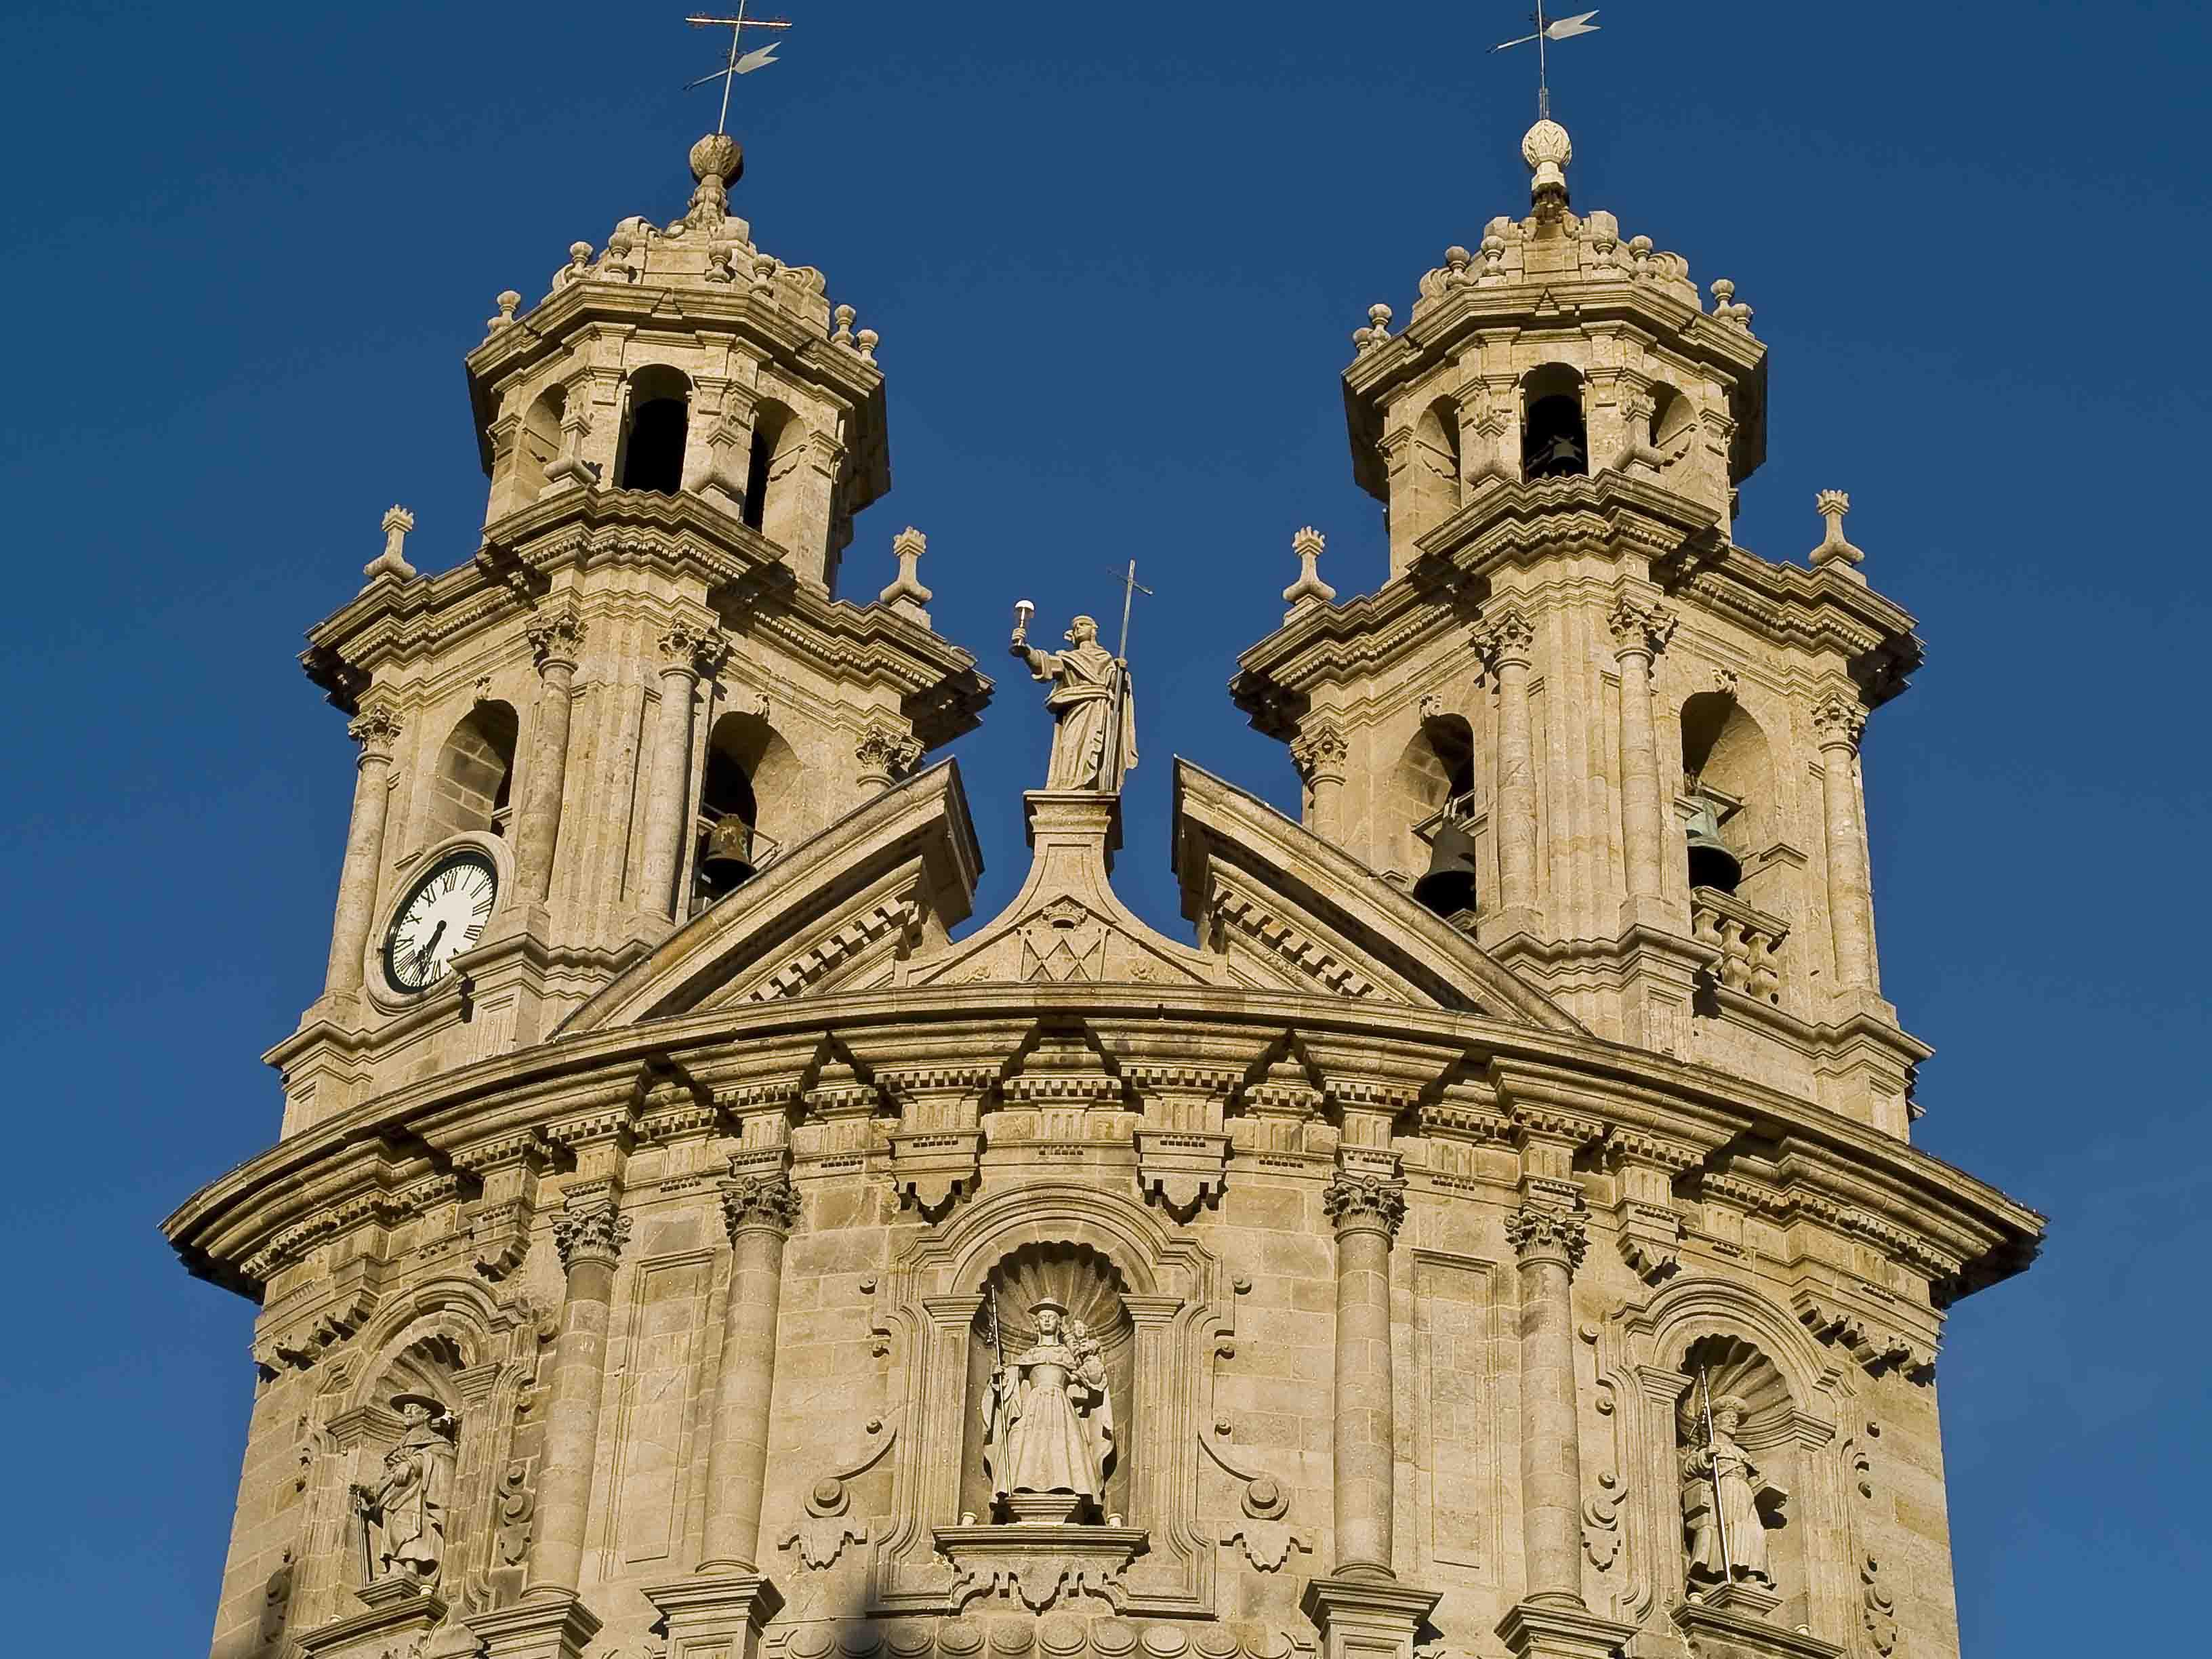 Pontevedra, Espanha (Foto: Shutterstock/ VisitEurope.com)